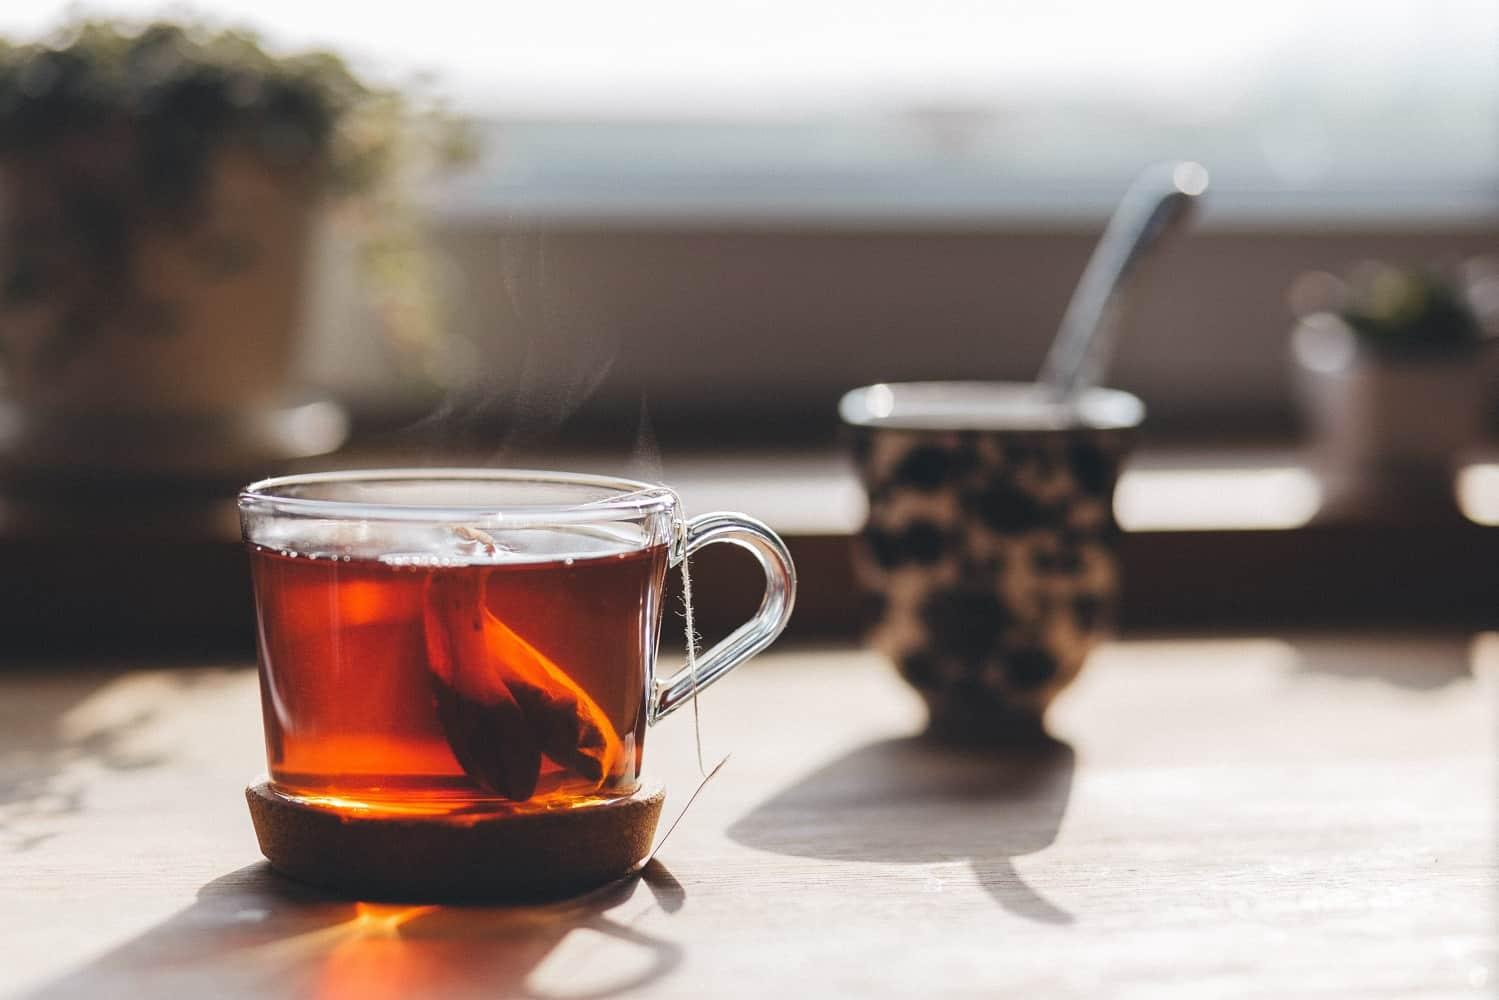 Unsweetened Tea in a Mug